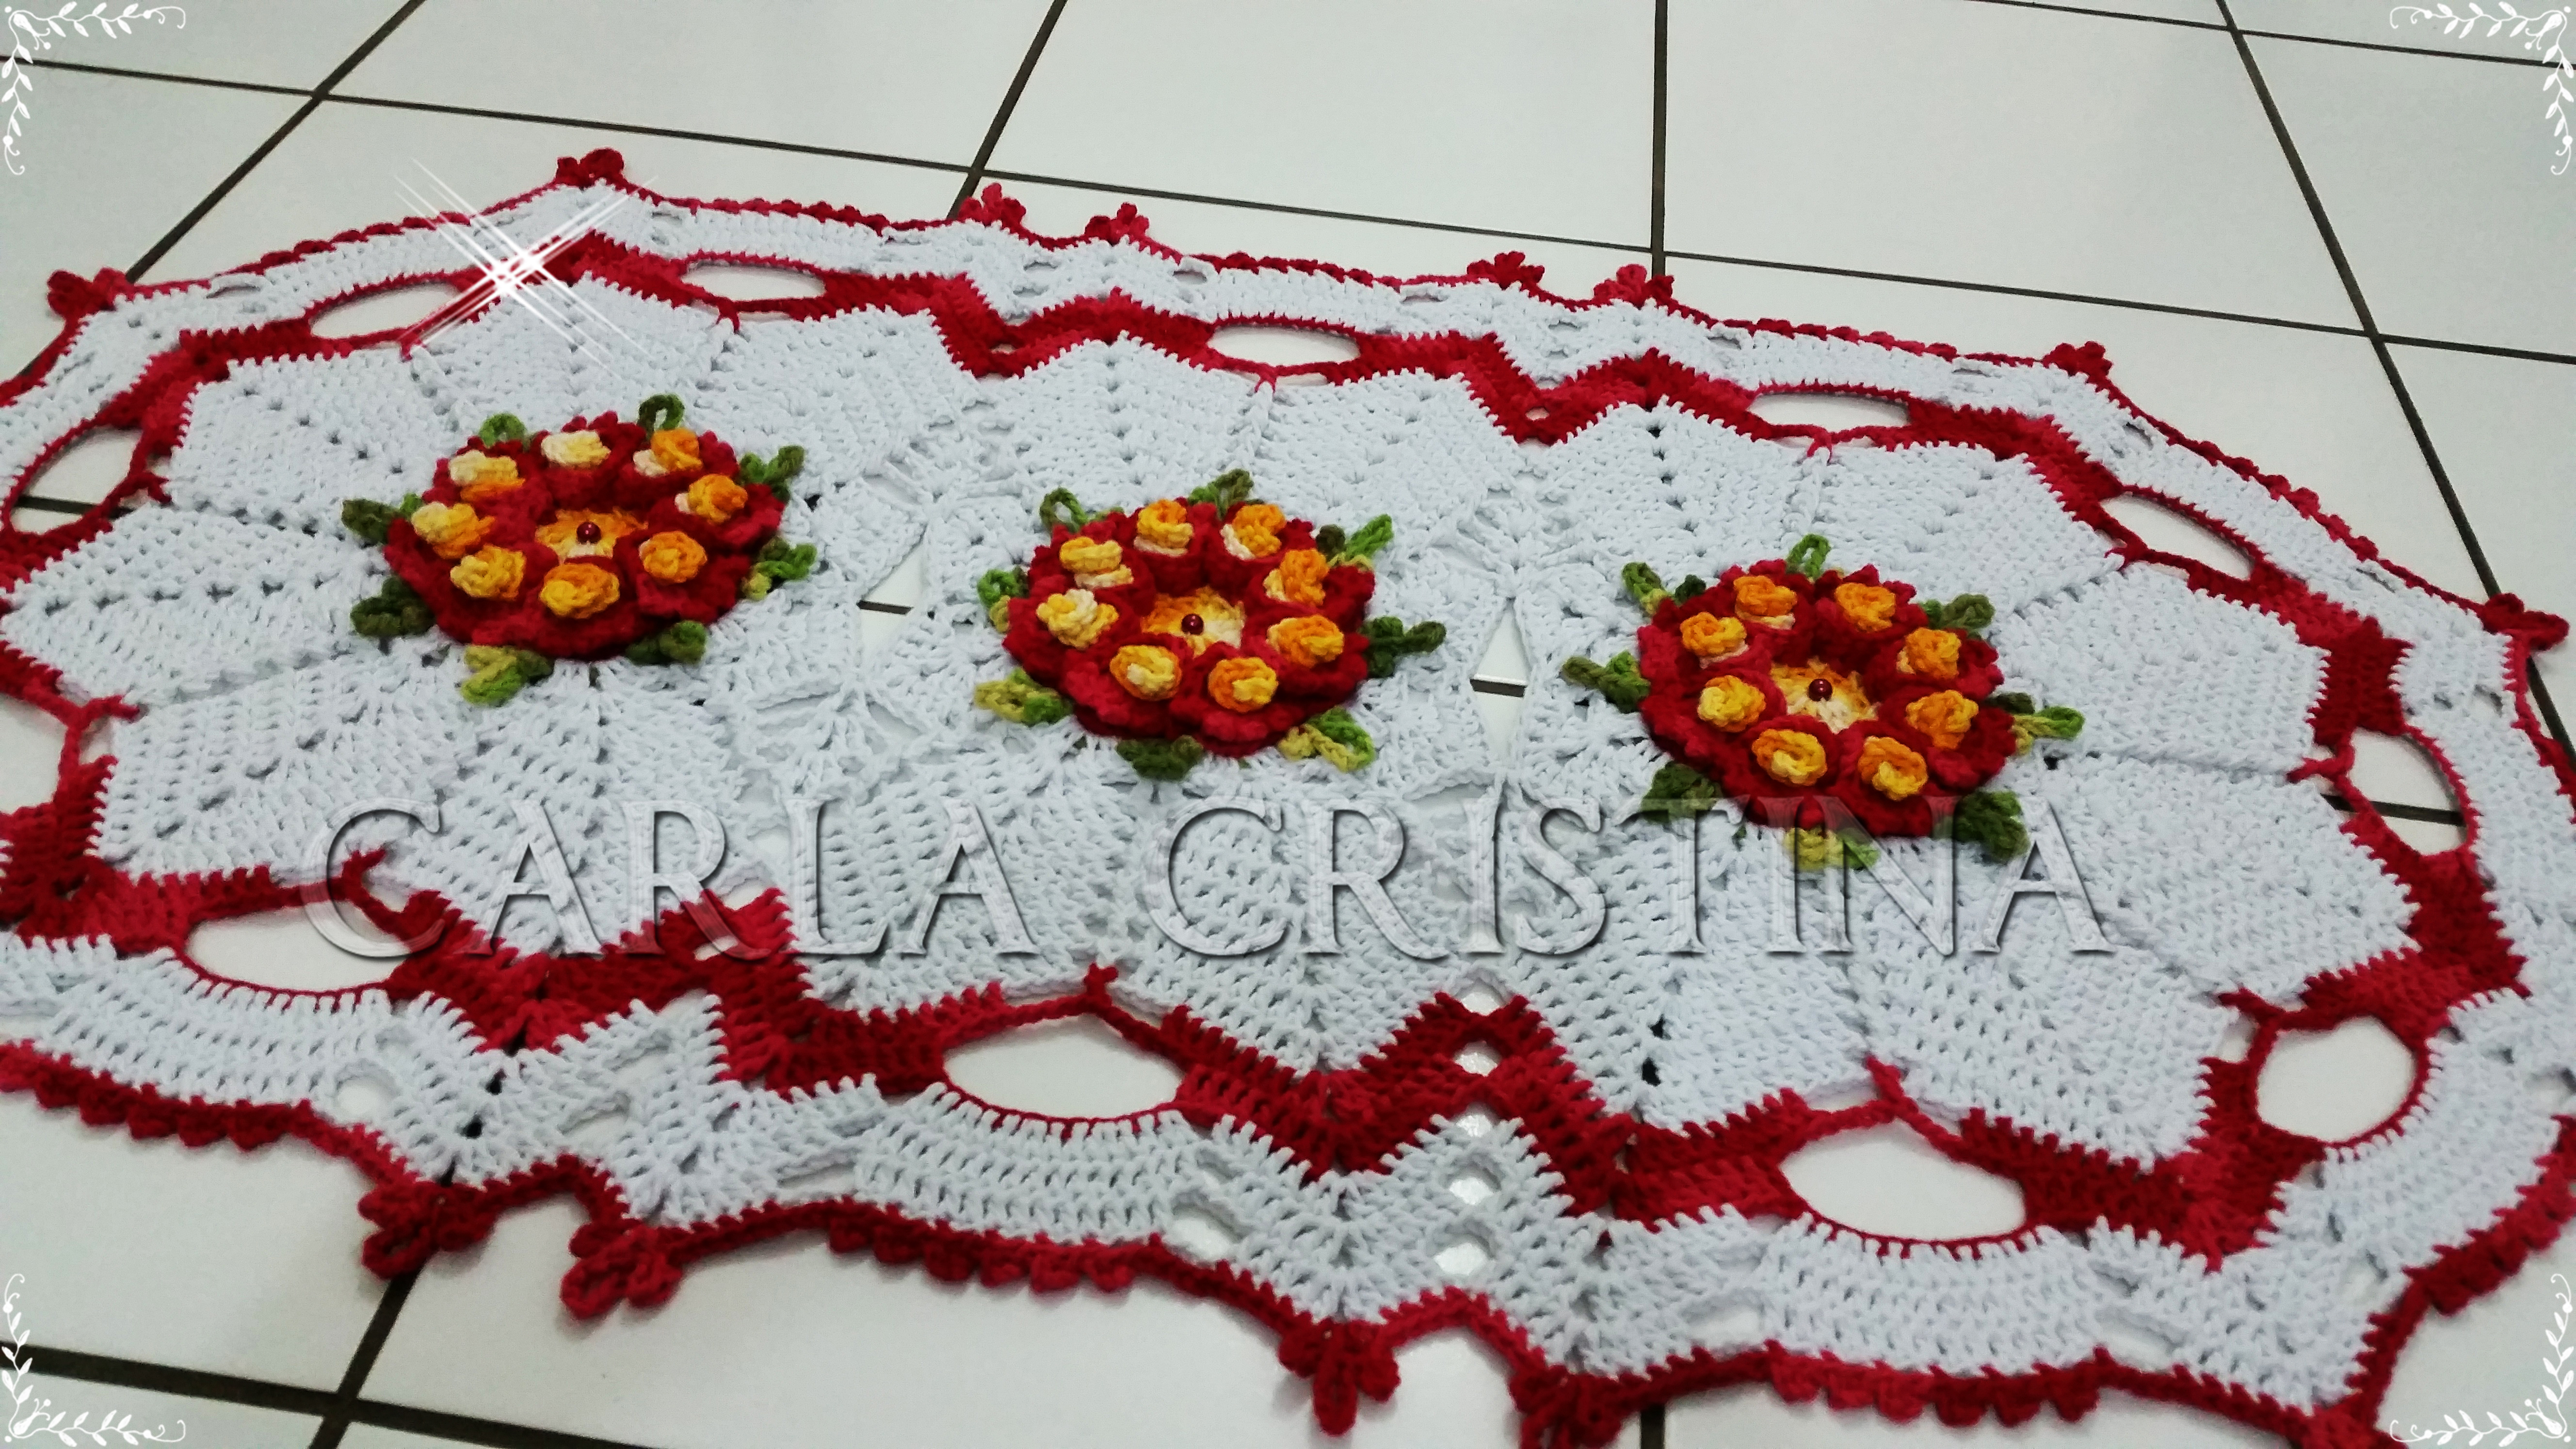 tapete com flor segredo decoracao tapete com flor segredo tapete